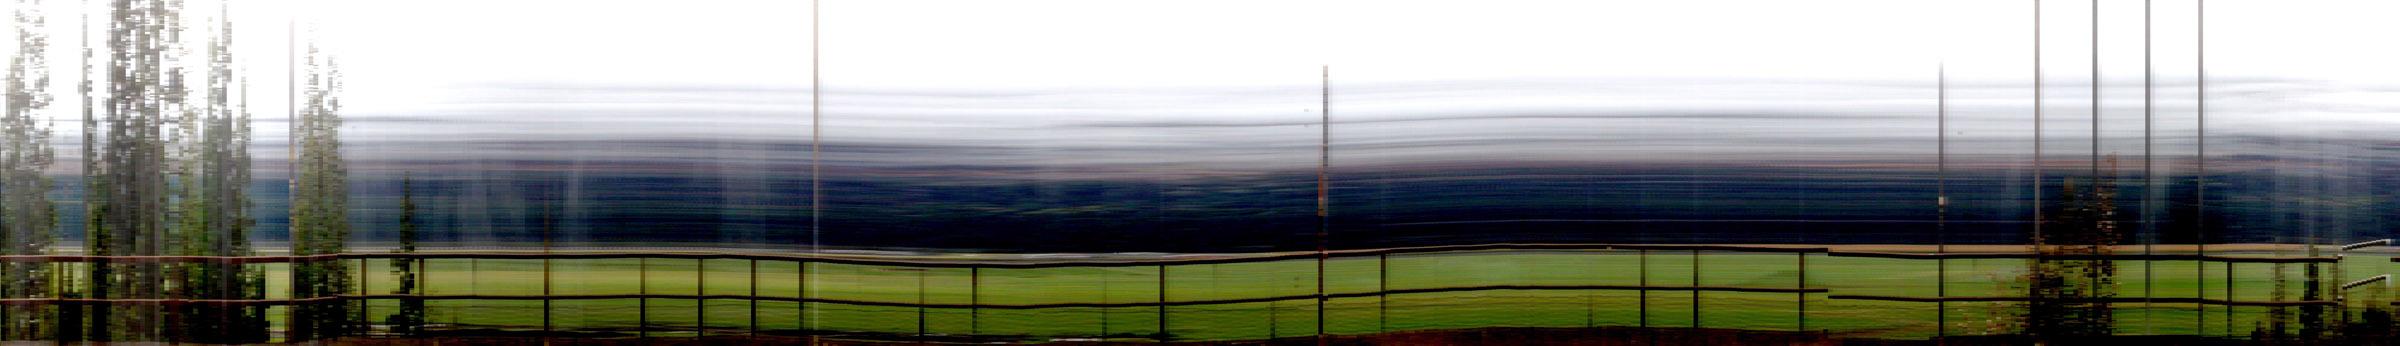 johann moser - timebased landscape 88-7